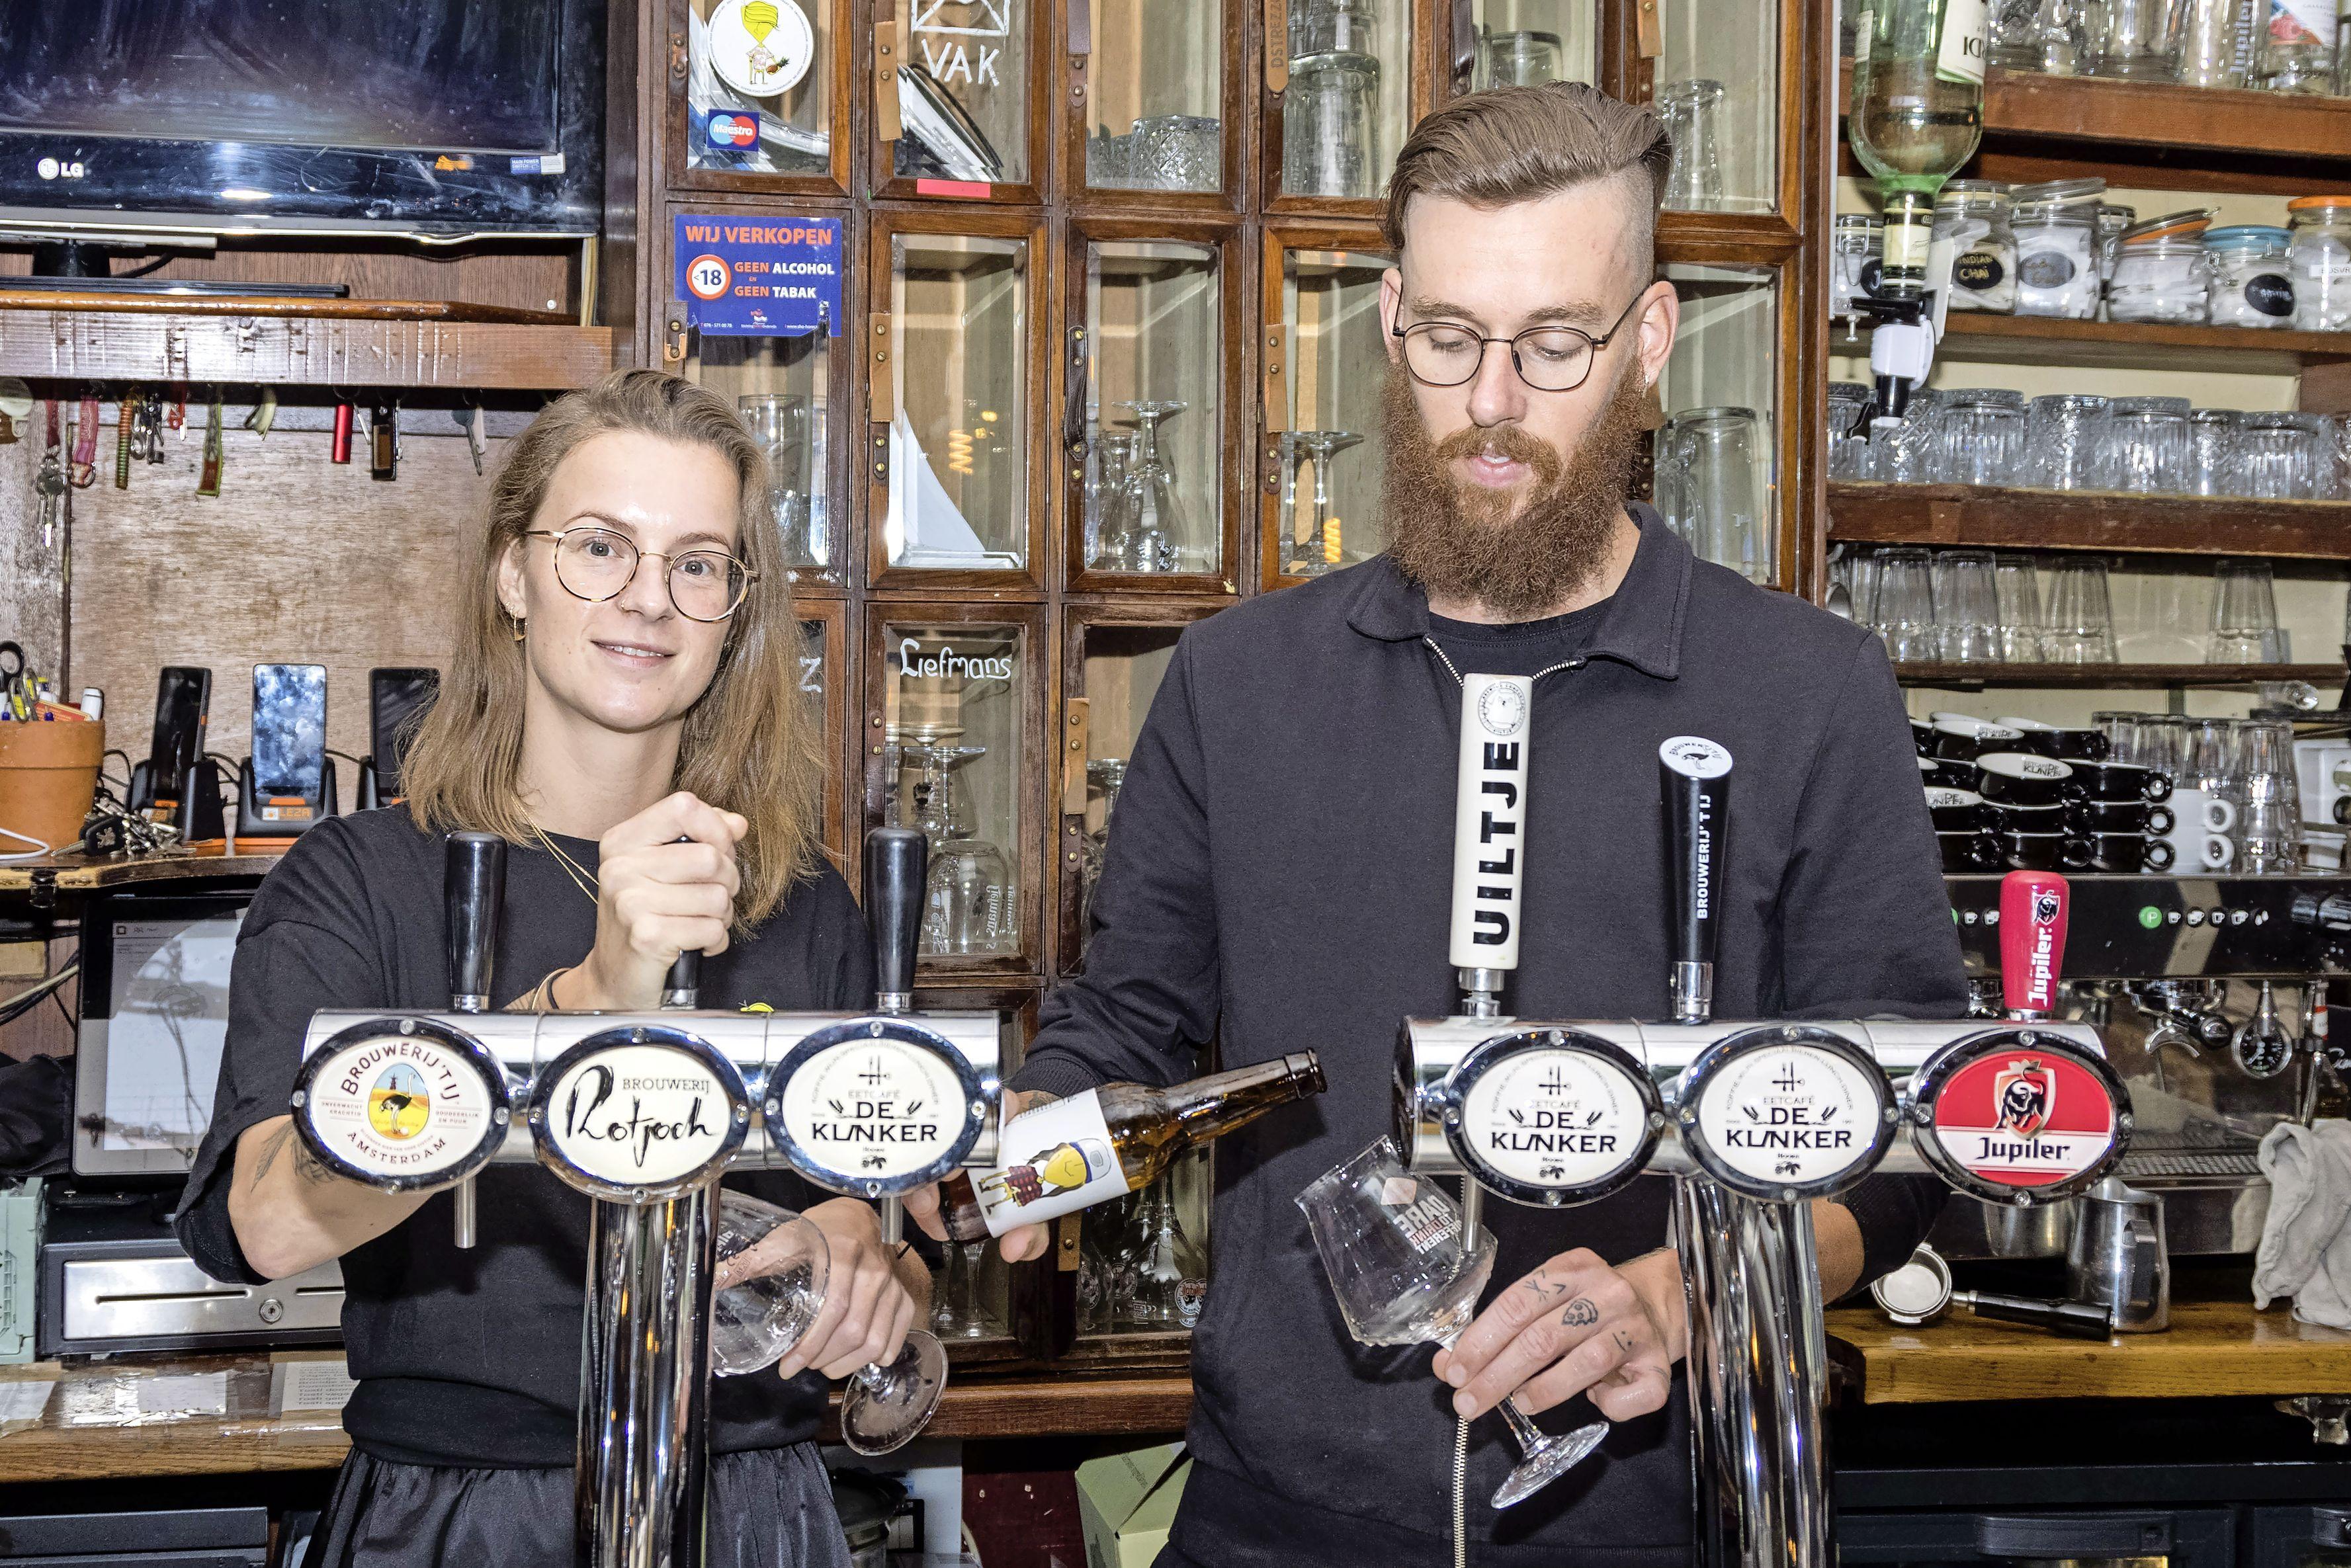 Ondernemer wordt boegbeeld nieuw Hoorns bier: 'Niet normaal', zegt Carlo Bikkel enthousiast. 'Zelfs mijn Spotify-playlist staat op het etiket'